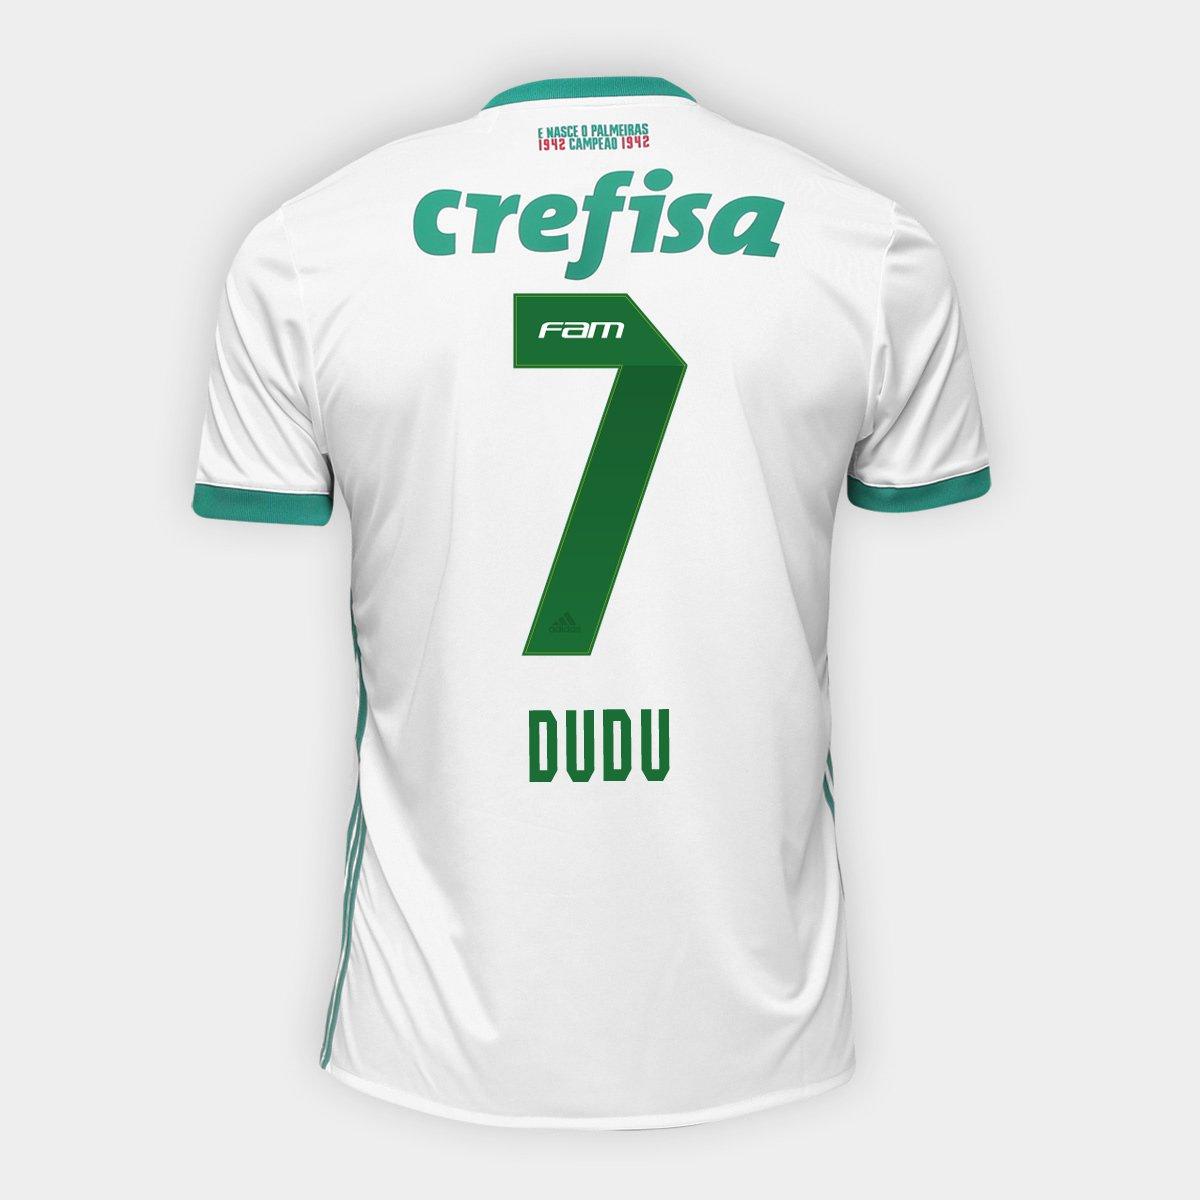 ebbffcf5f8 Camisa Palmeiras II 17/18 nº 7 Dudu Torcedor Adidas Masculina - Branco e  Verde | Allianz Parque Shop